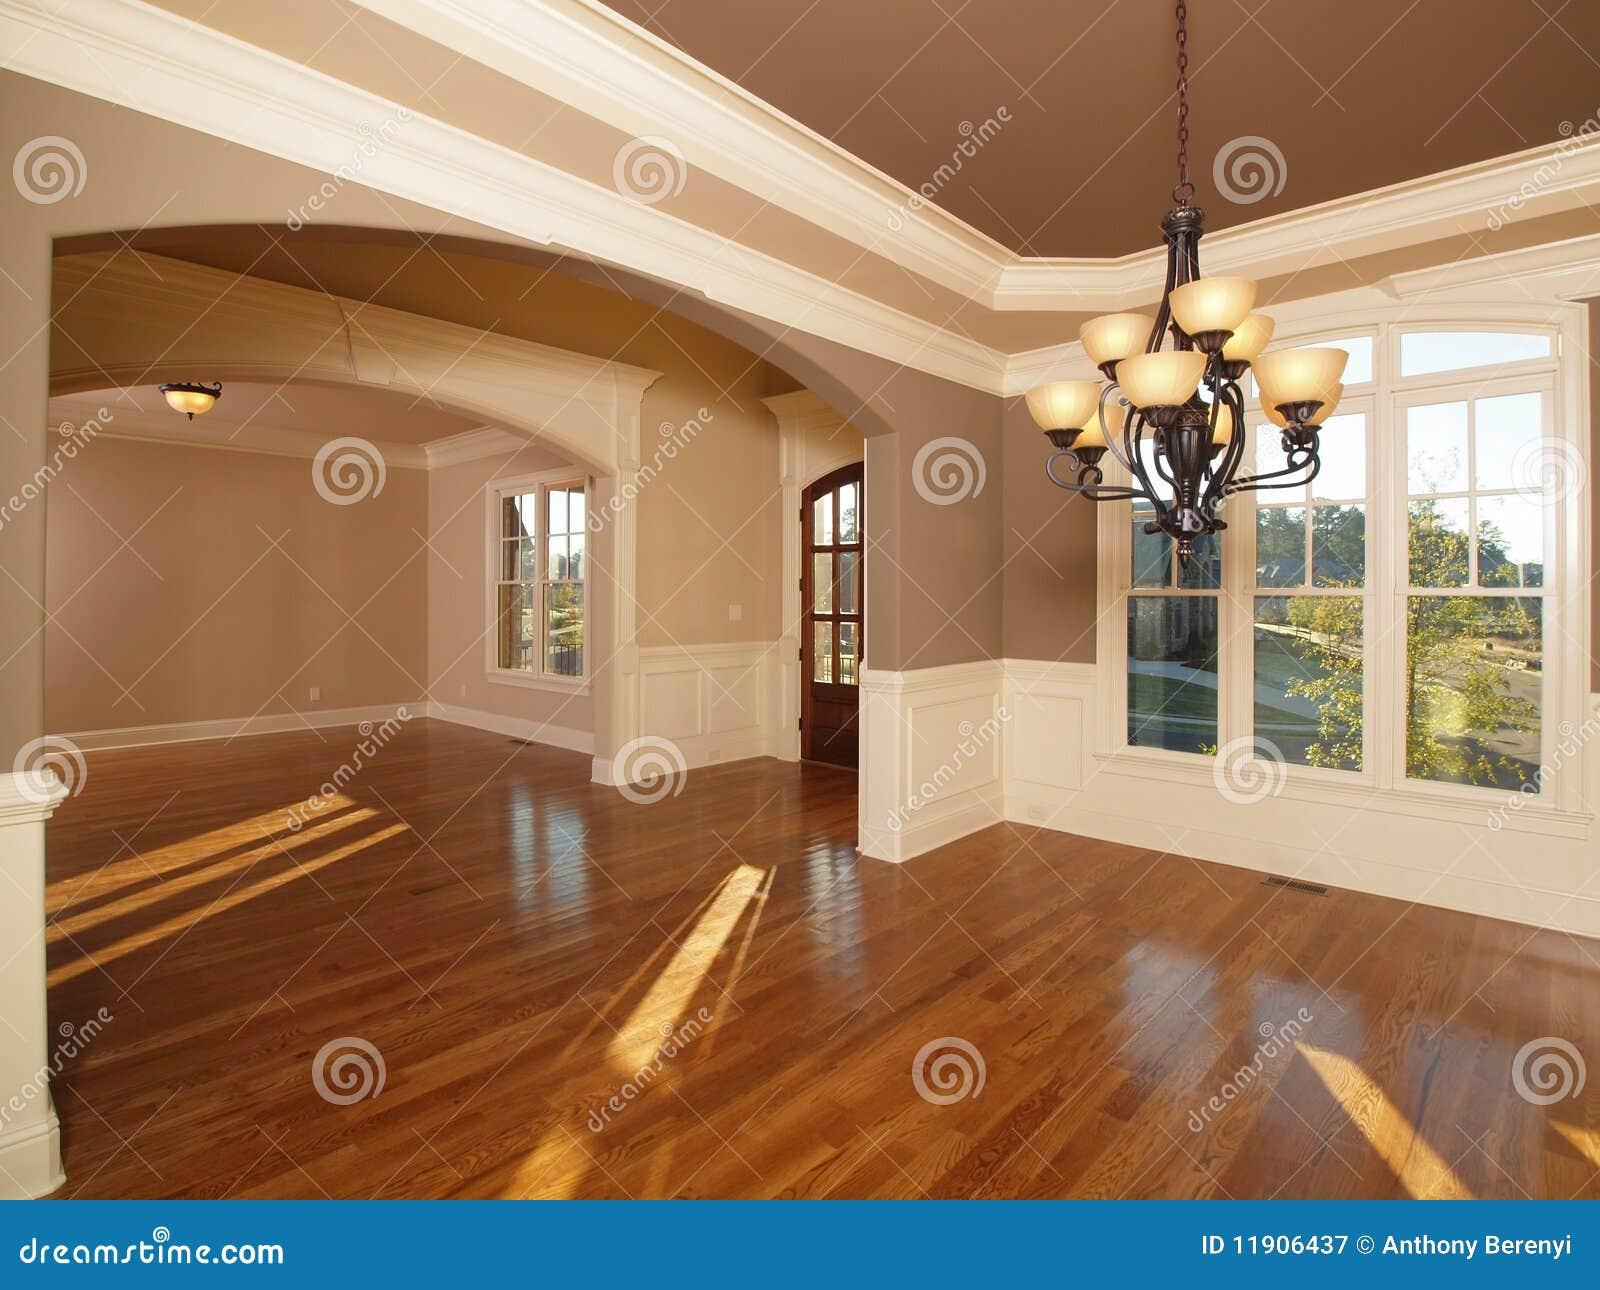 salles int�rieures � la maison de luxe mod�les d'entr�e